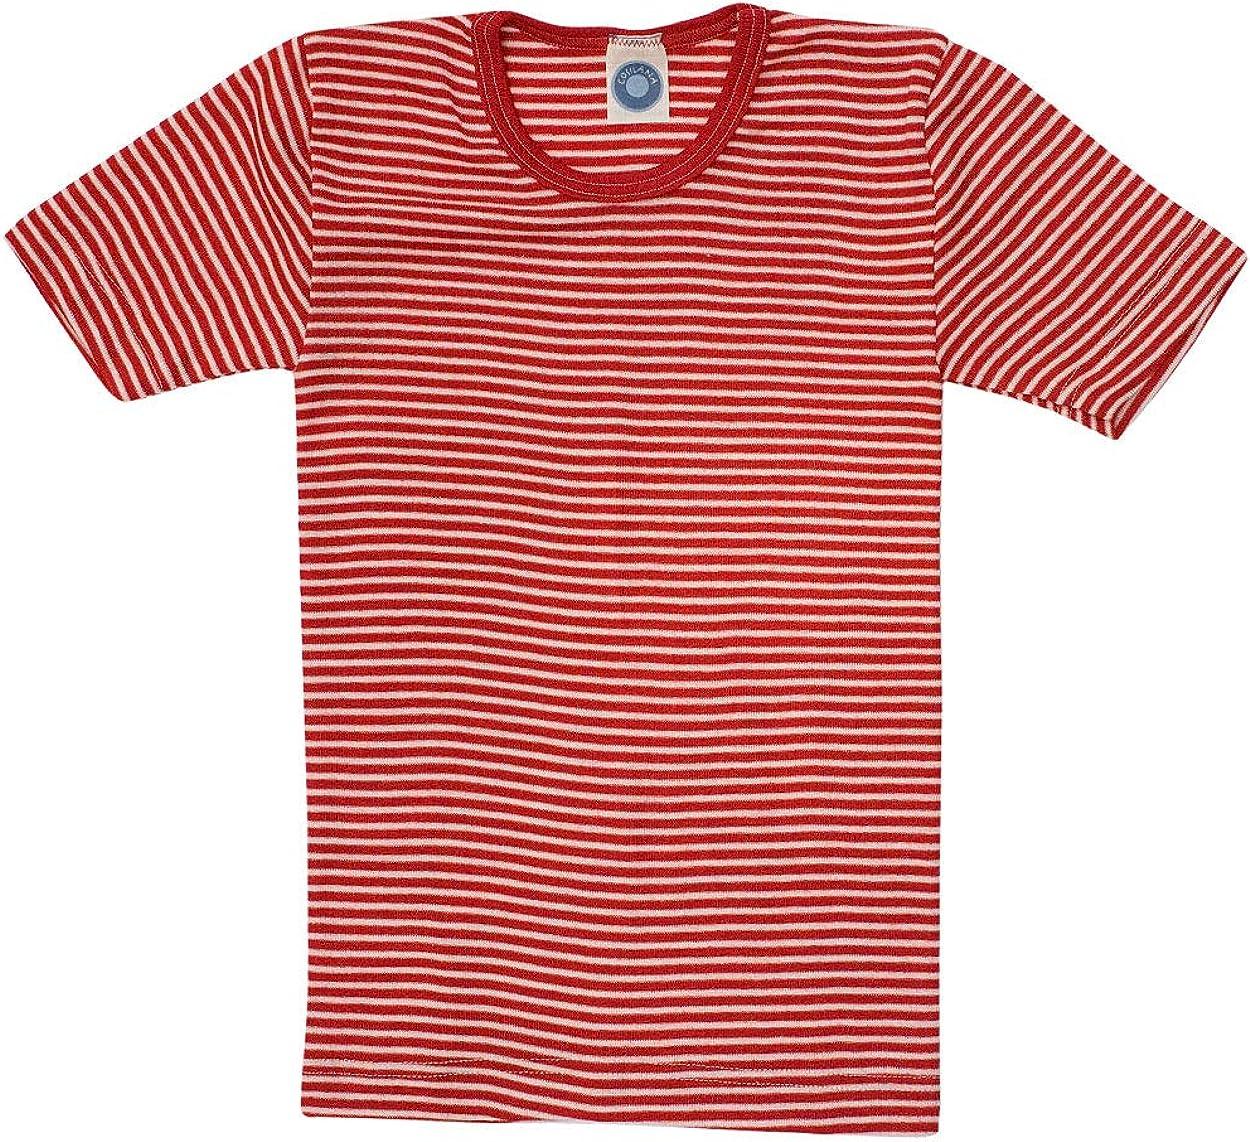 Kinder Unterhemd//T-Shirt 70/% Wolle und 30/% Seide Cosilana